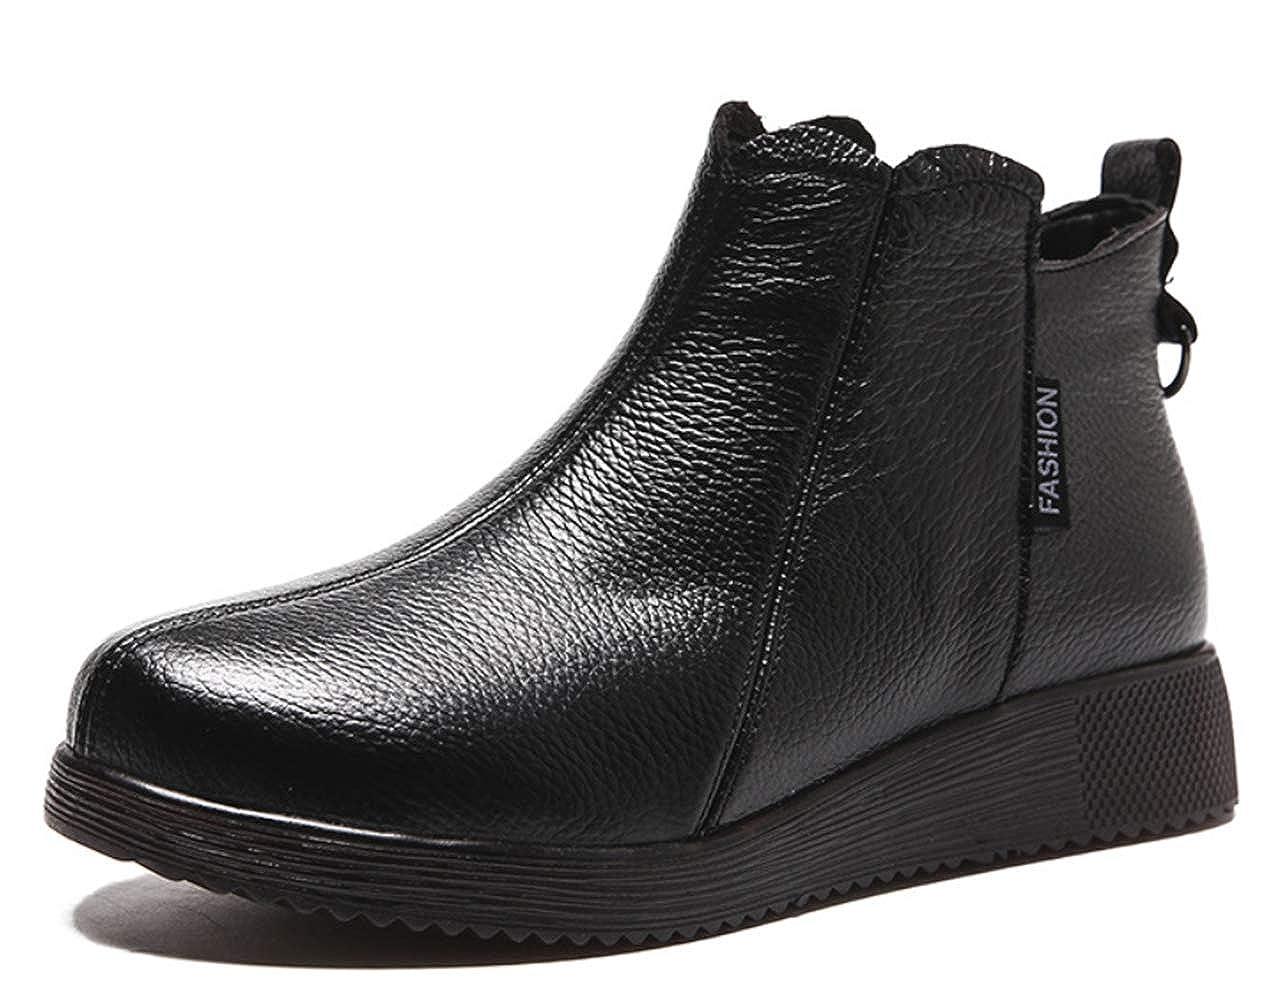 Damenknöchelschuhe Runde Leder Retro-Stiefelies in der oberen Ebene europäischen und amerikanischen Stil nationalen Herbst und Winter neuen flachen Schuhen